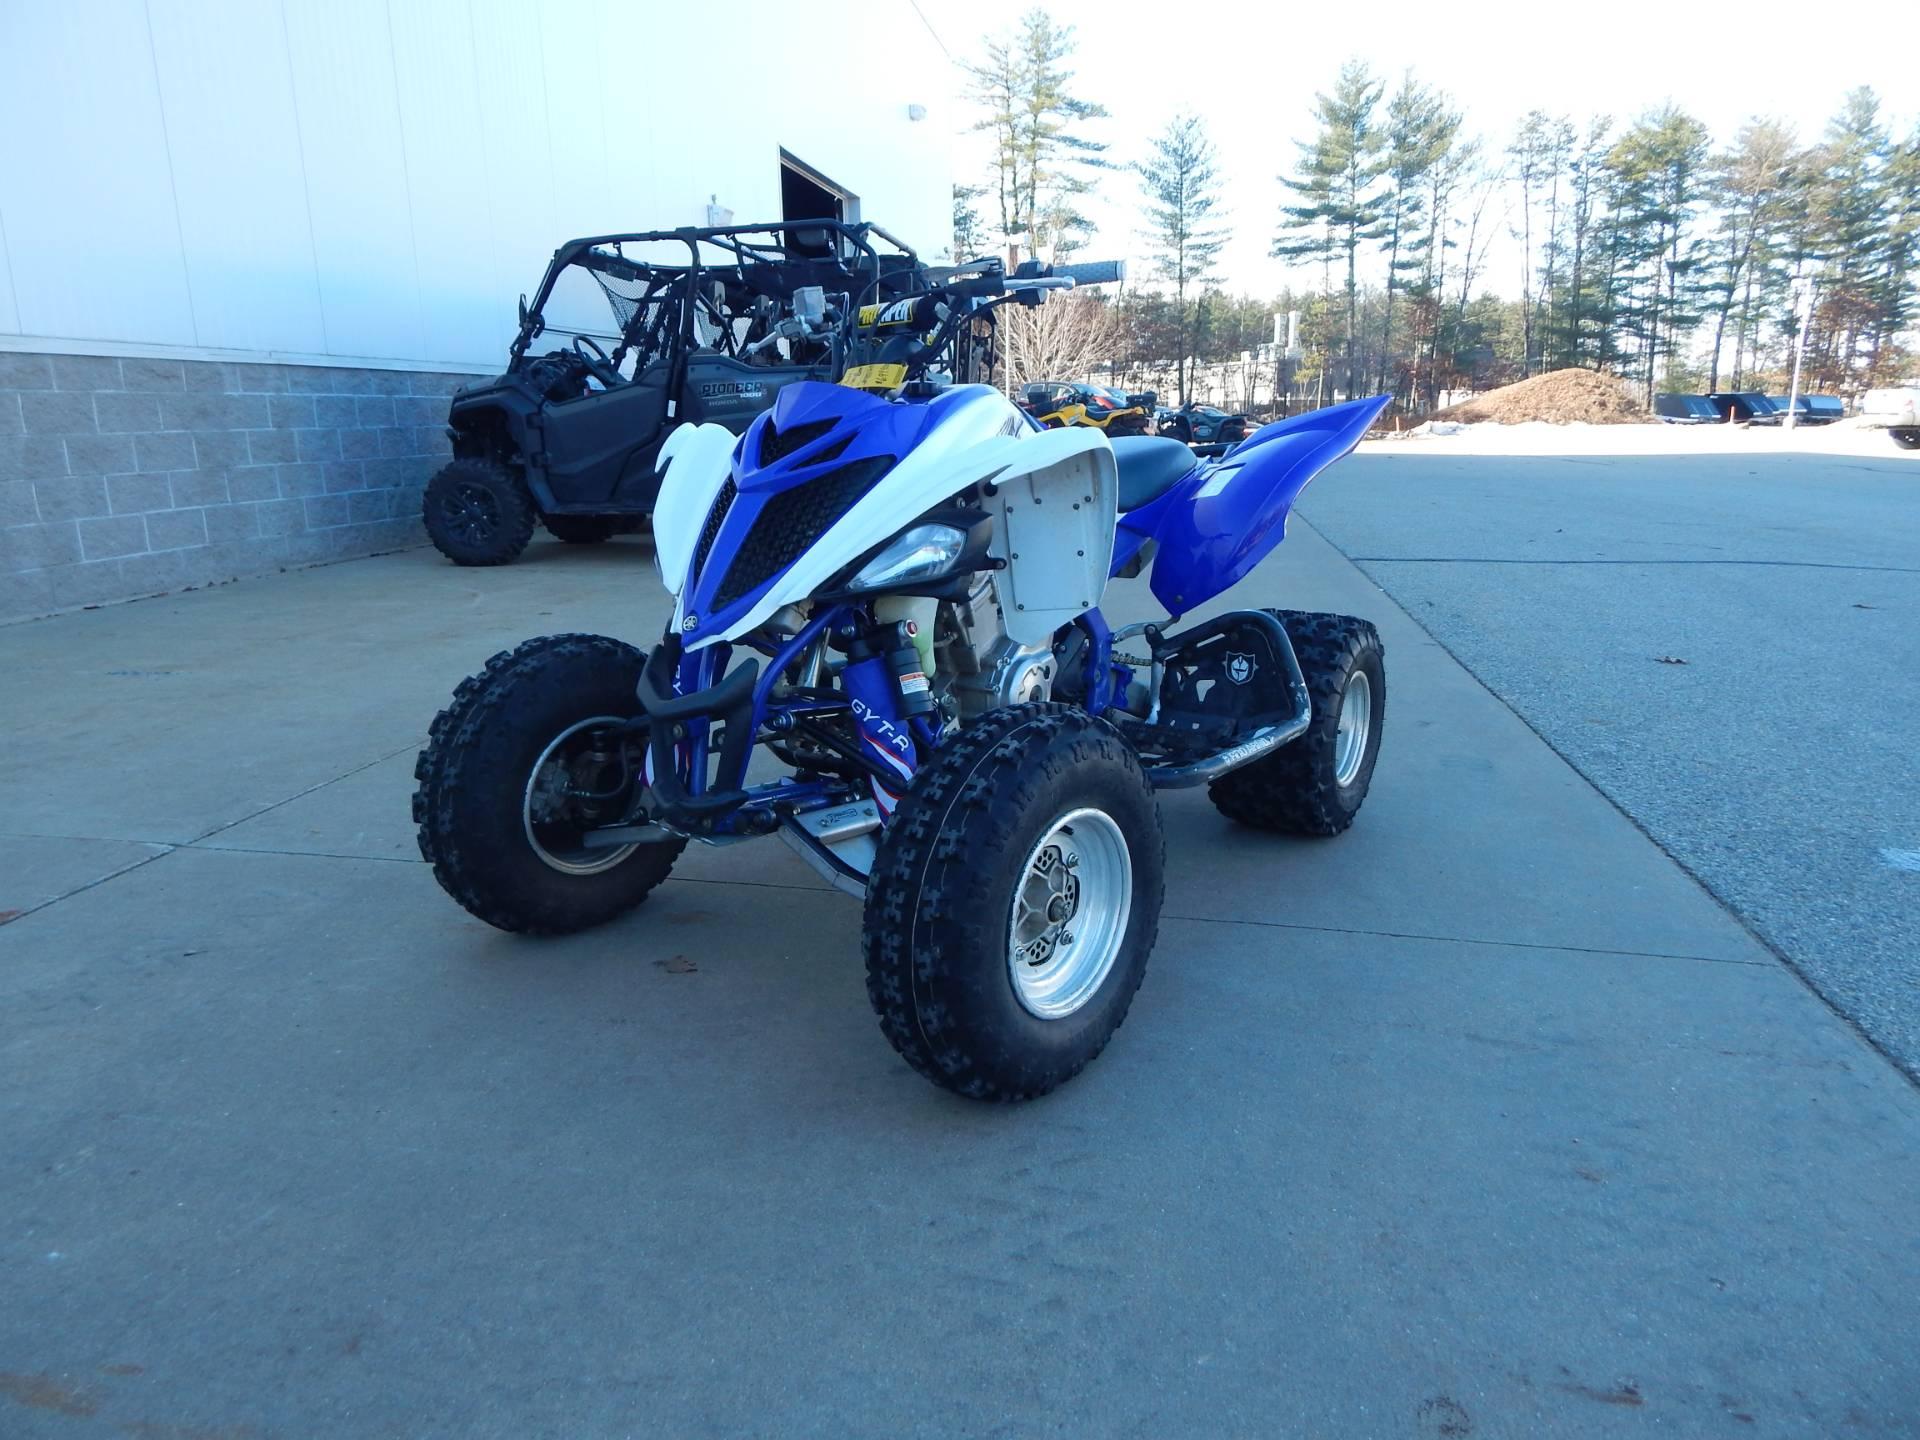 2016 Yamaha Raptor 700R for sale 44958